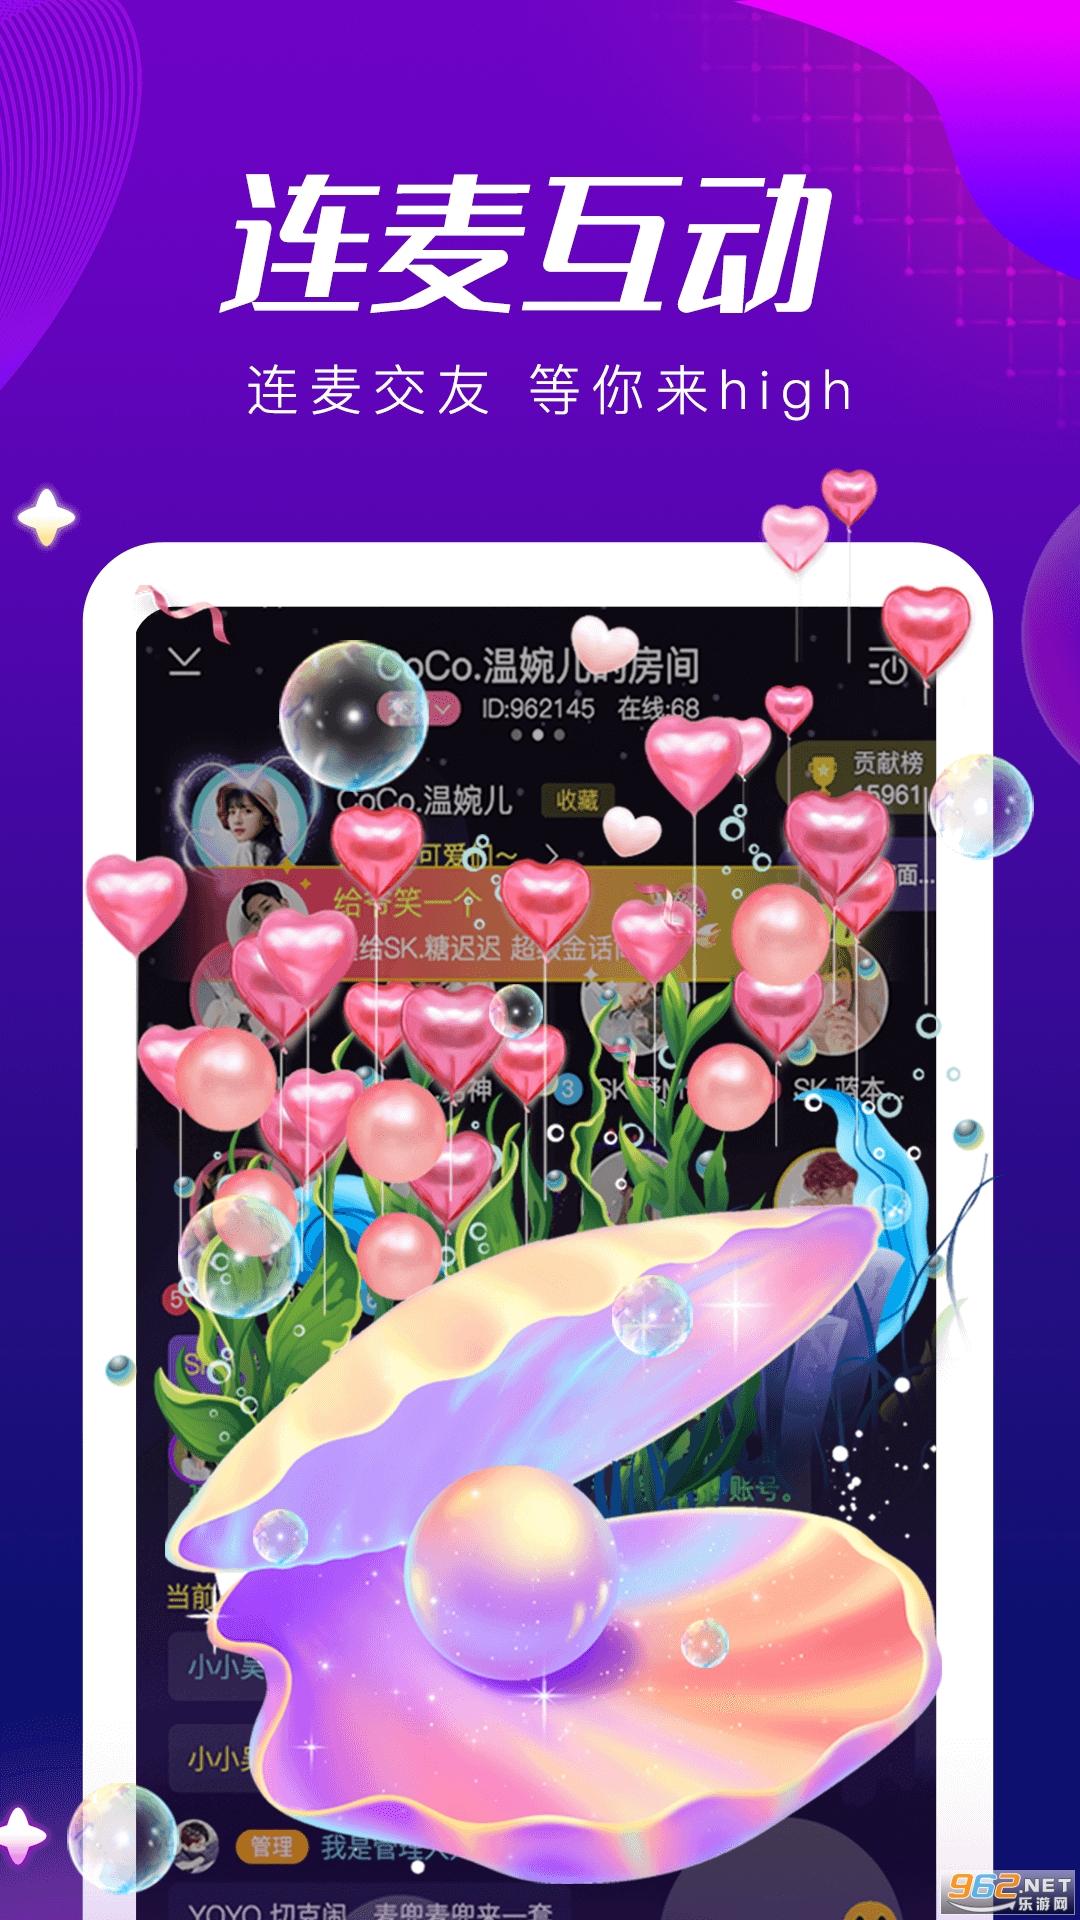 甜筒连麦声音交友appv2.8.5截图1